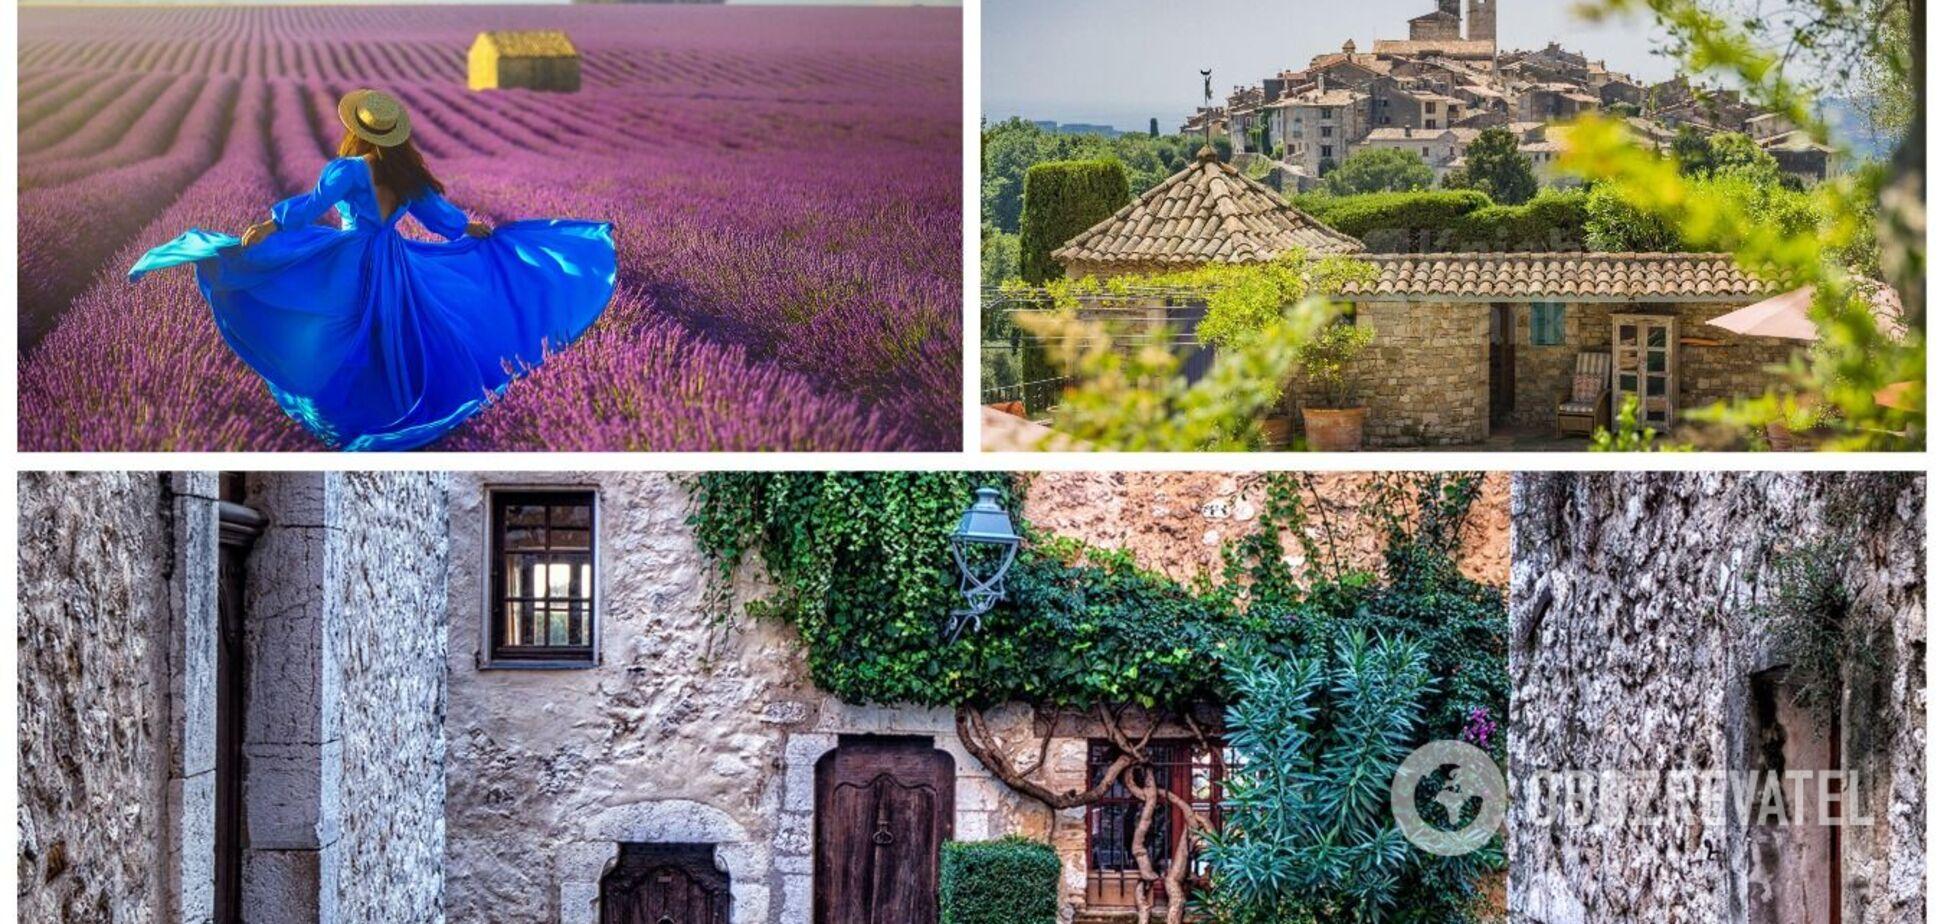 5 волшебных поселков на юге Франции, от красоты которых захватывает дух